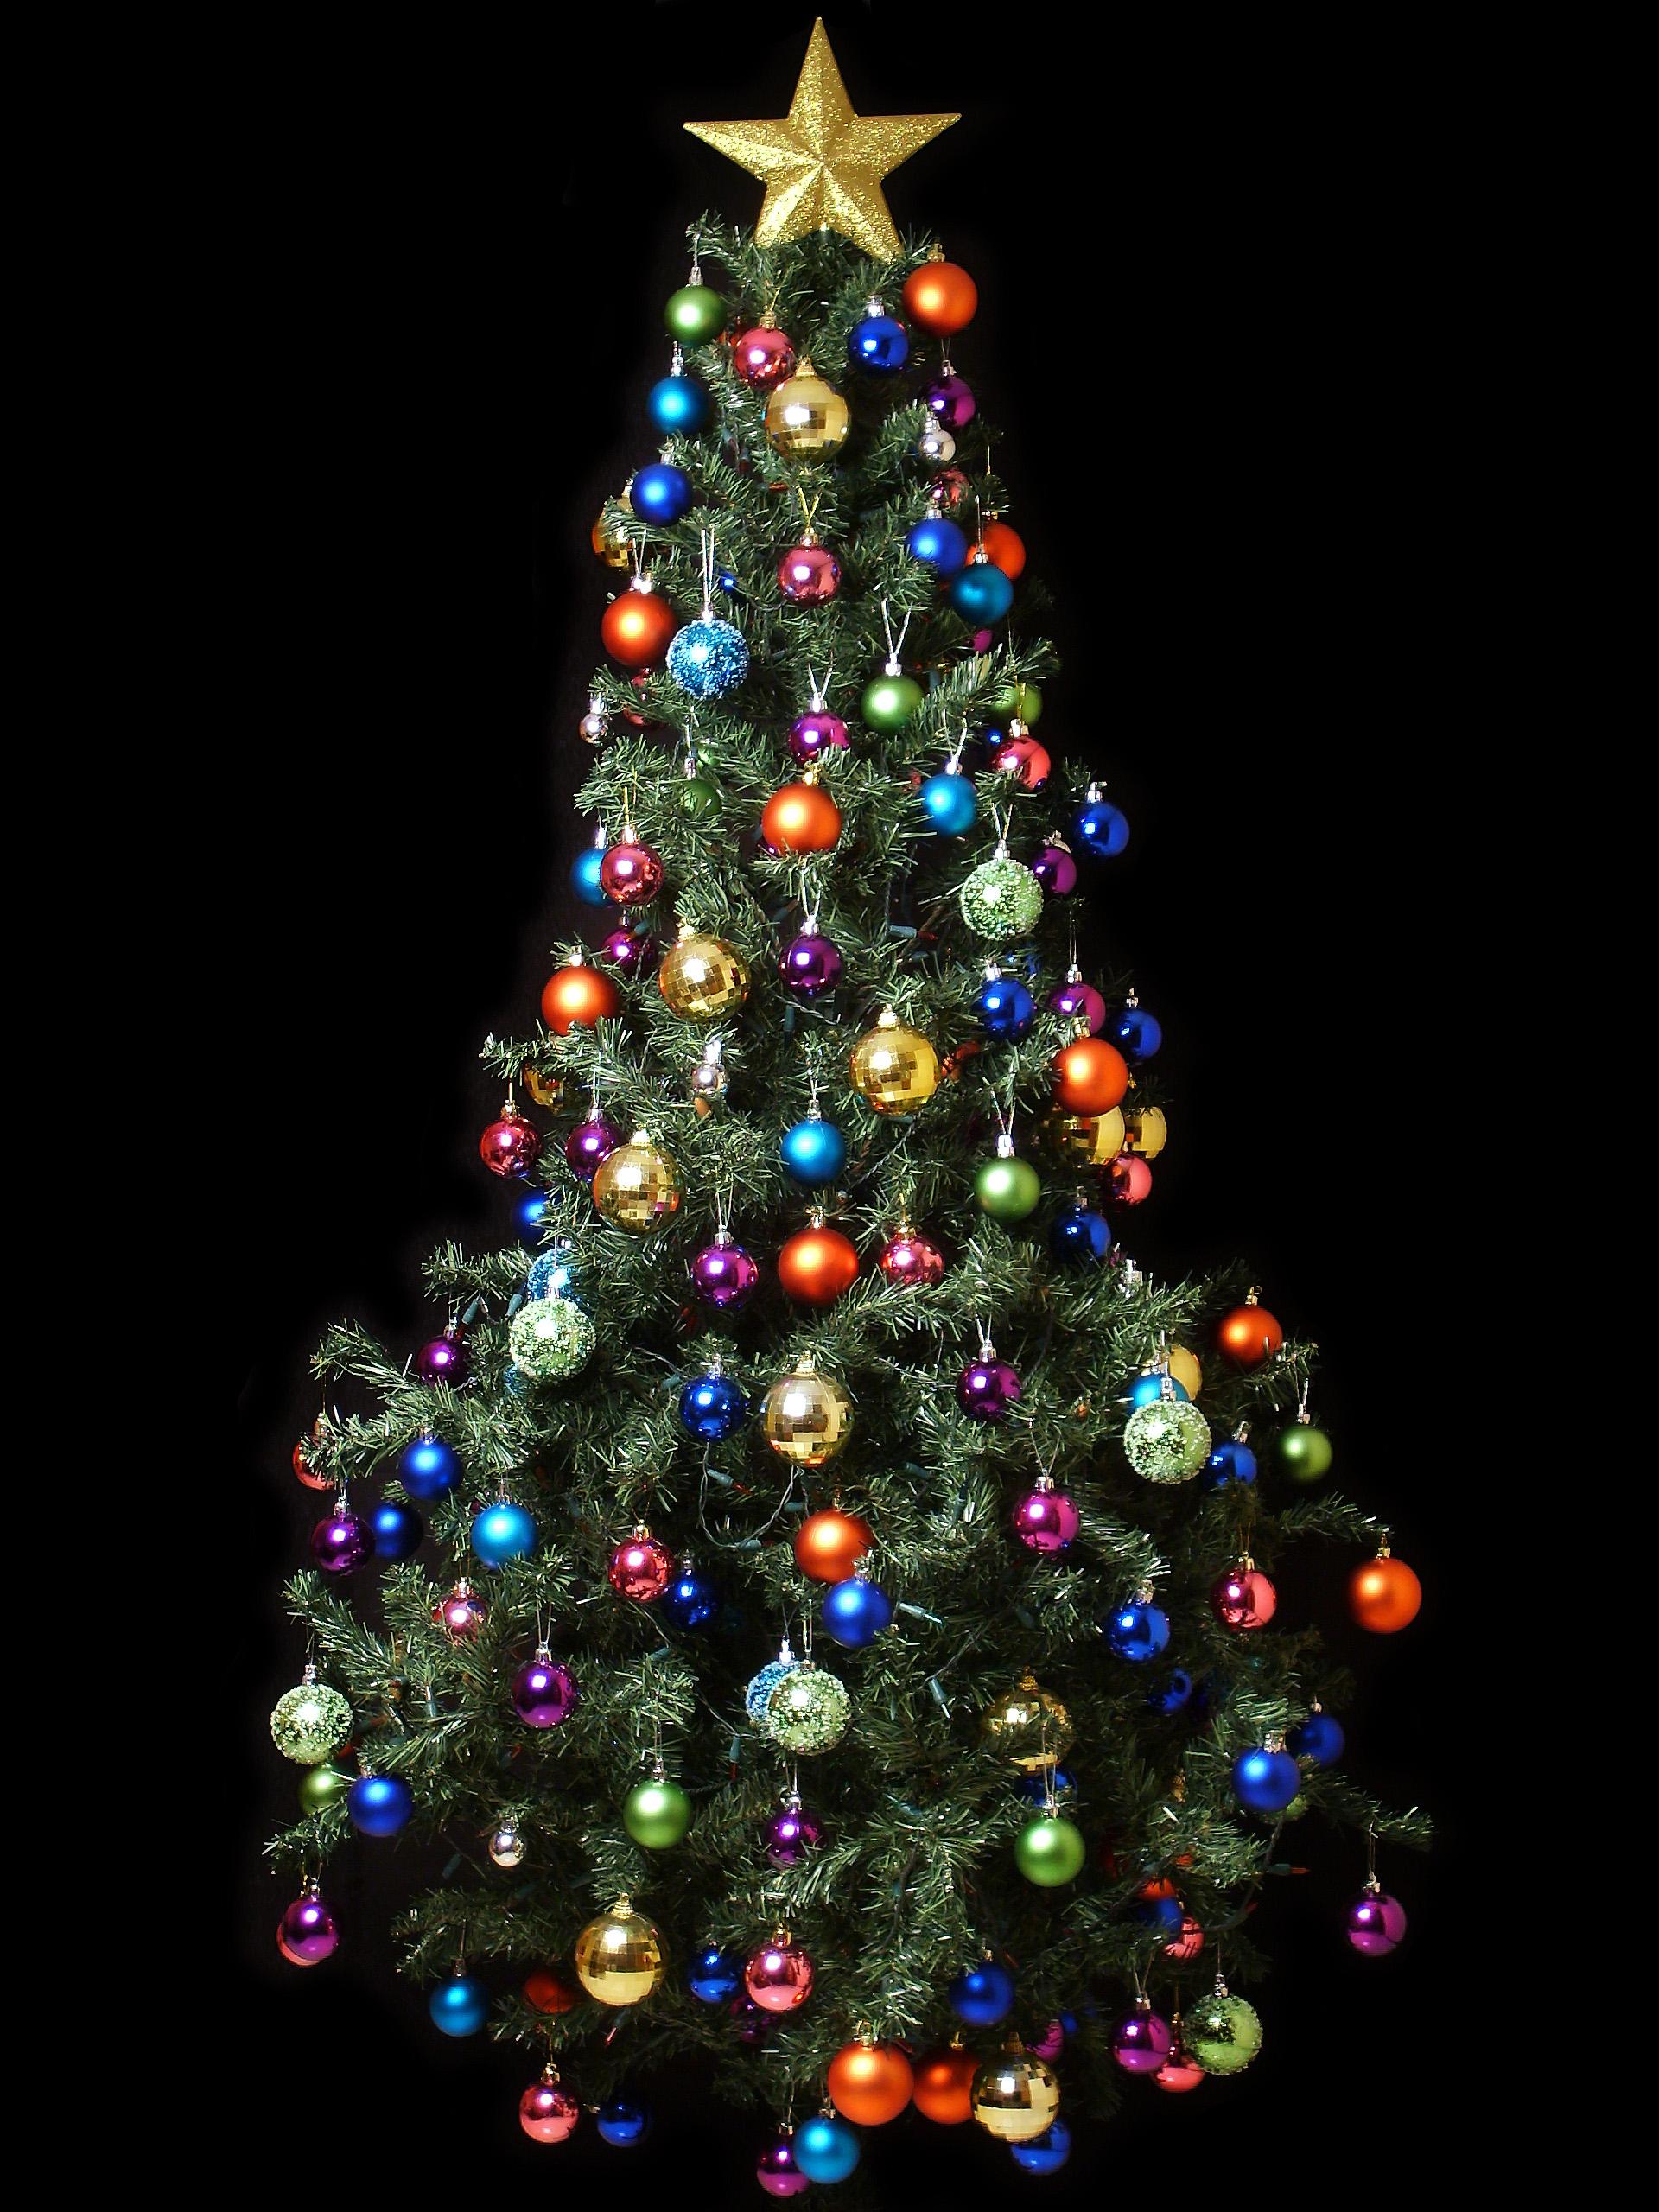 Fondo de pantalla arbol de navidad con bolas de colores - Albol de navidad ...